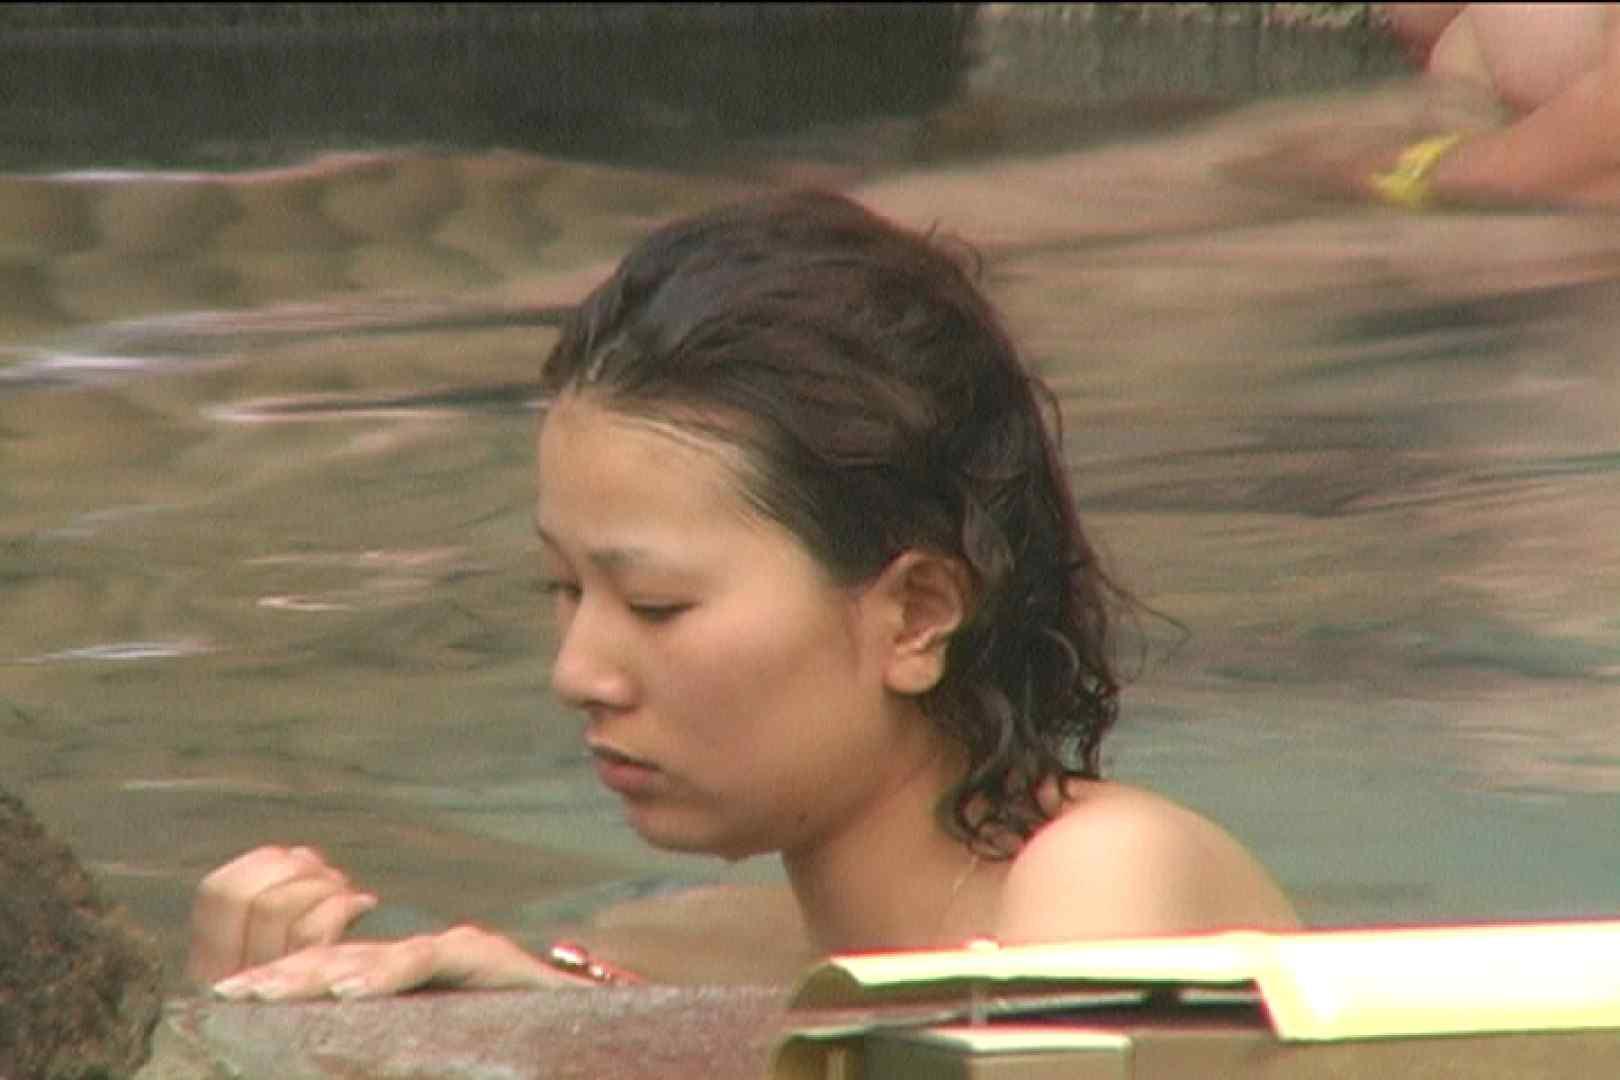 Aquaな露天風呂Vol.131 OLハメ撮り  108Pix 47